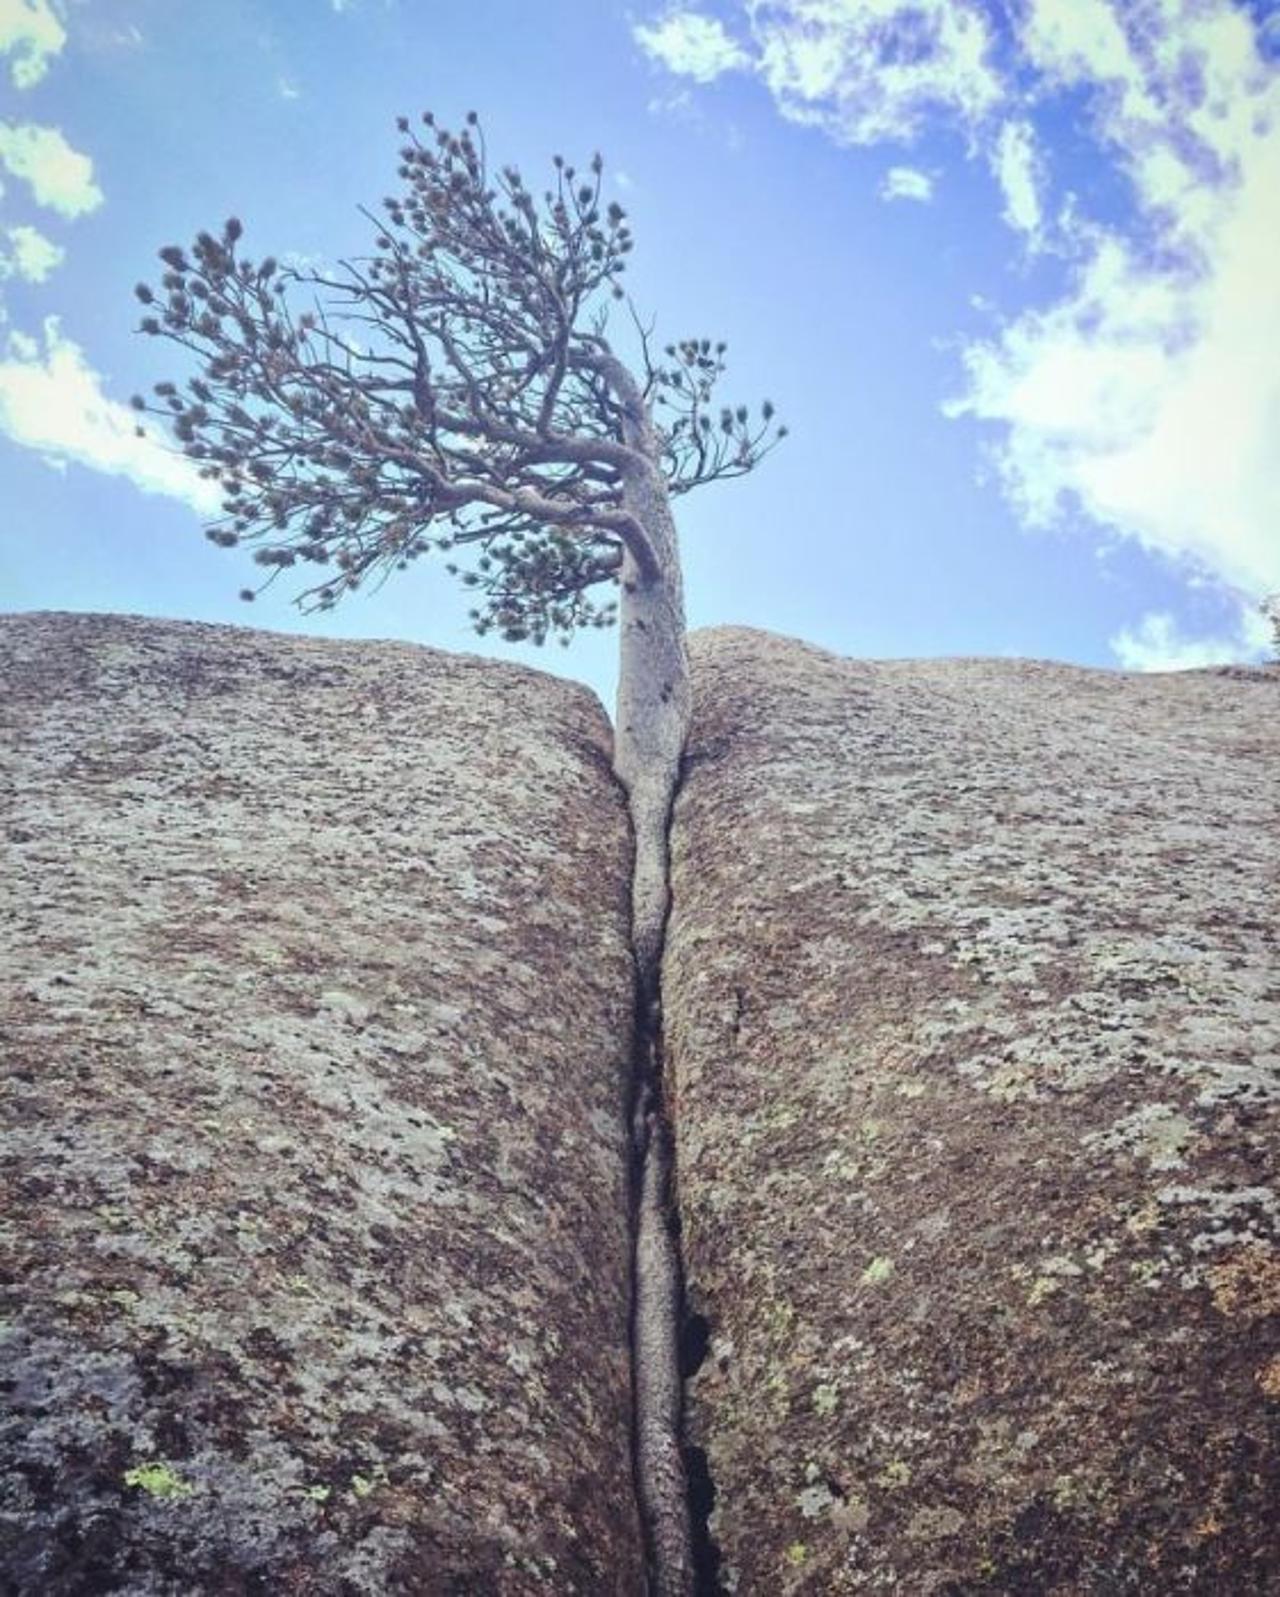 Resistant tree